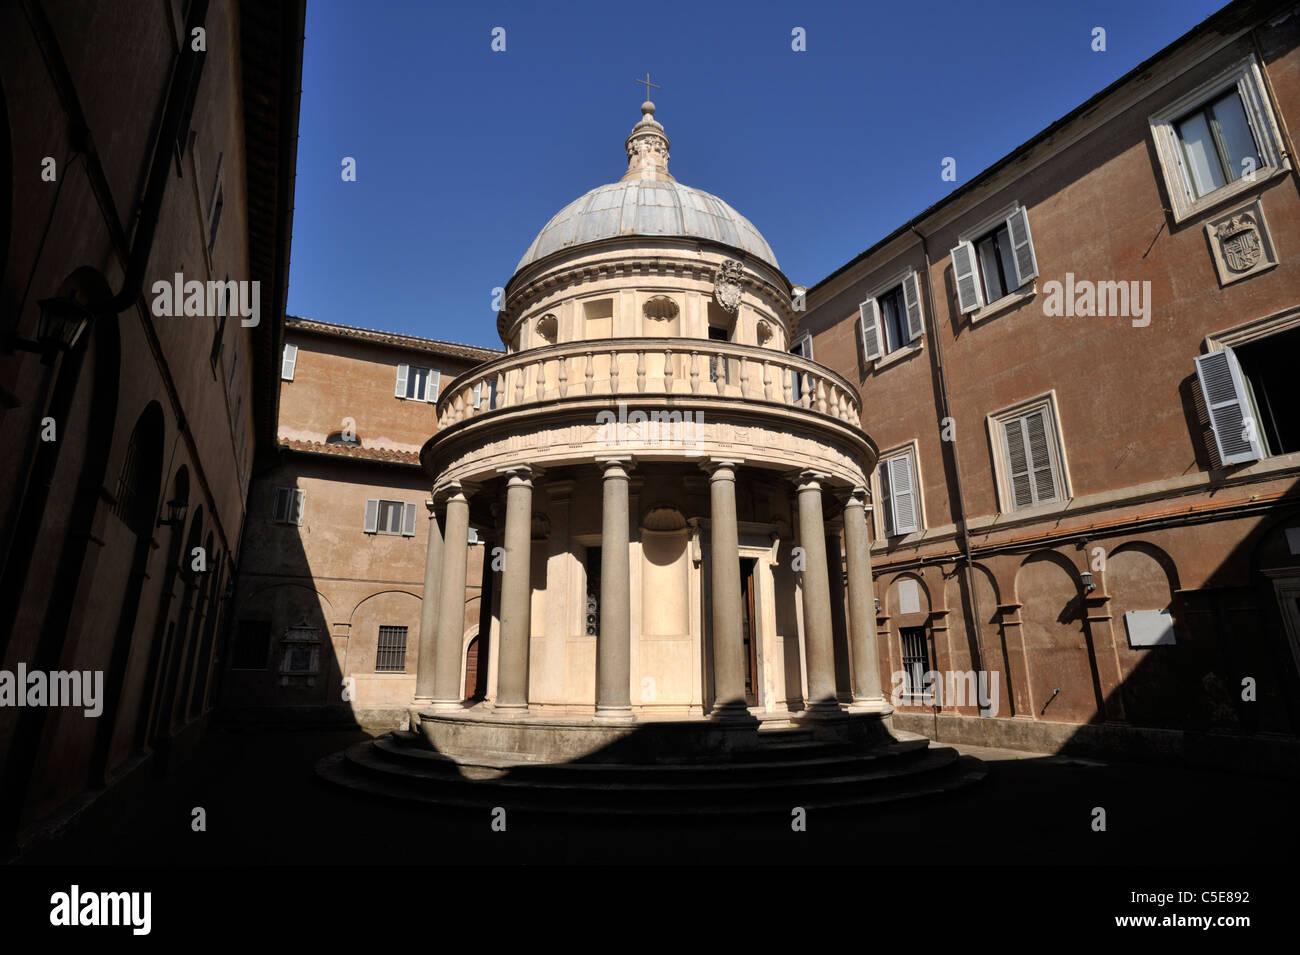 Italia, Roma, el complejo de San Pietro in Montorio, el Tempietto del bramante, templo de arquitectura renacentista Imagen De Stock